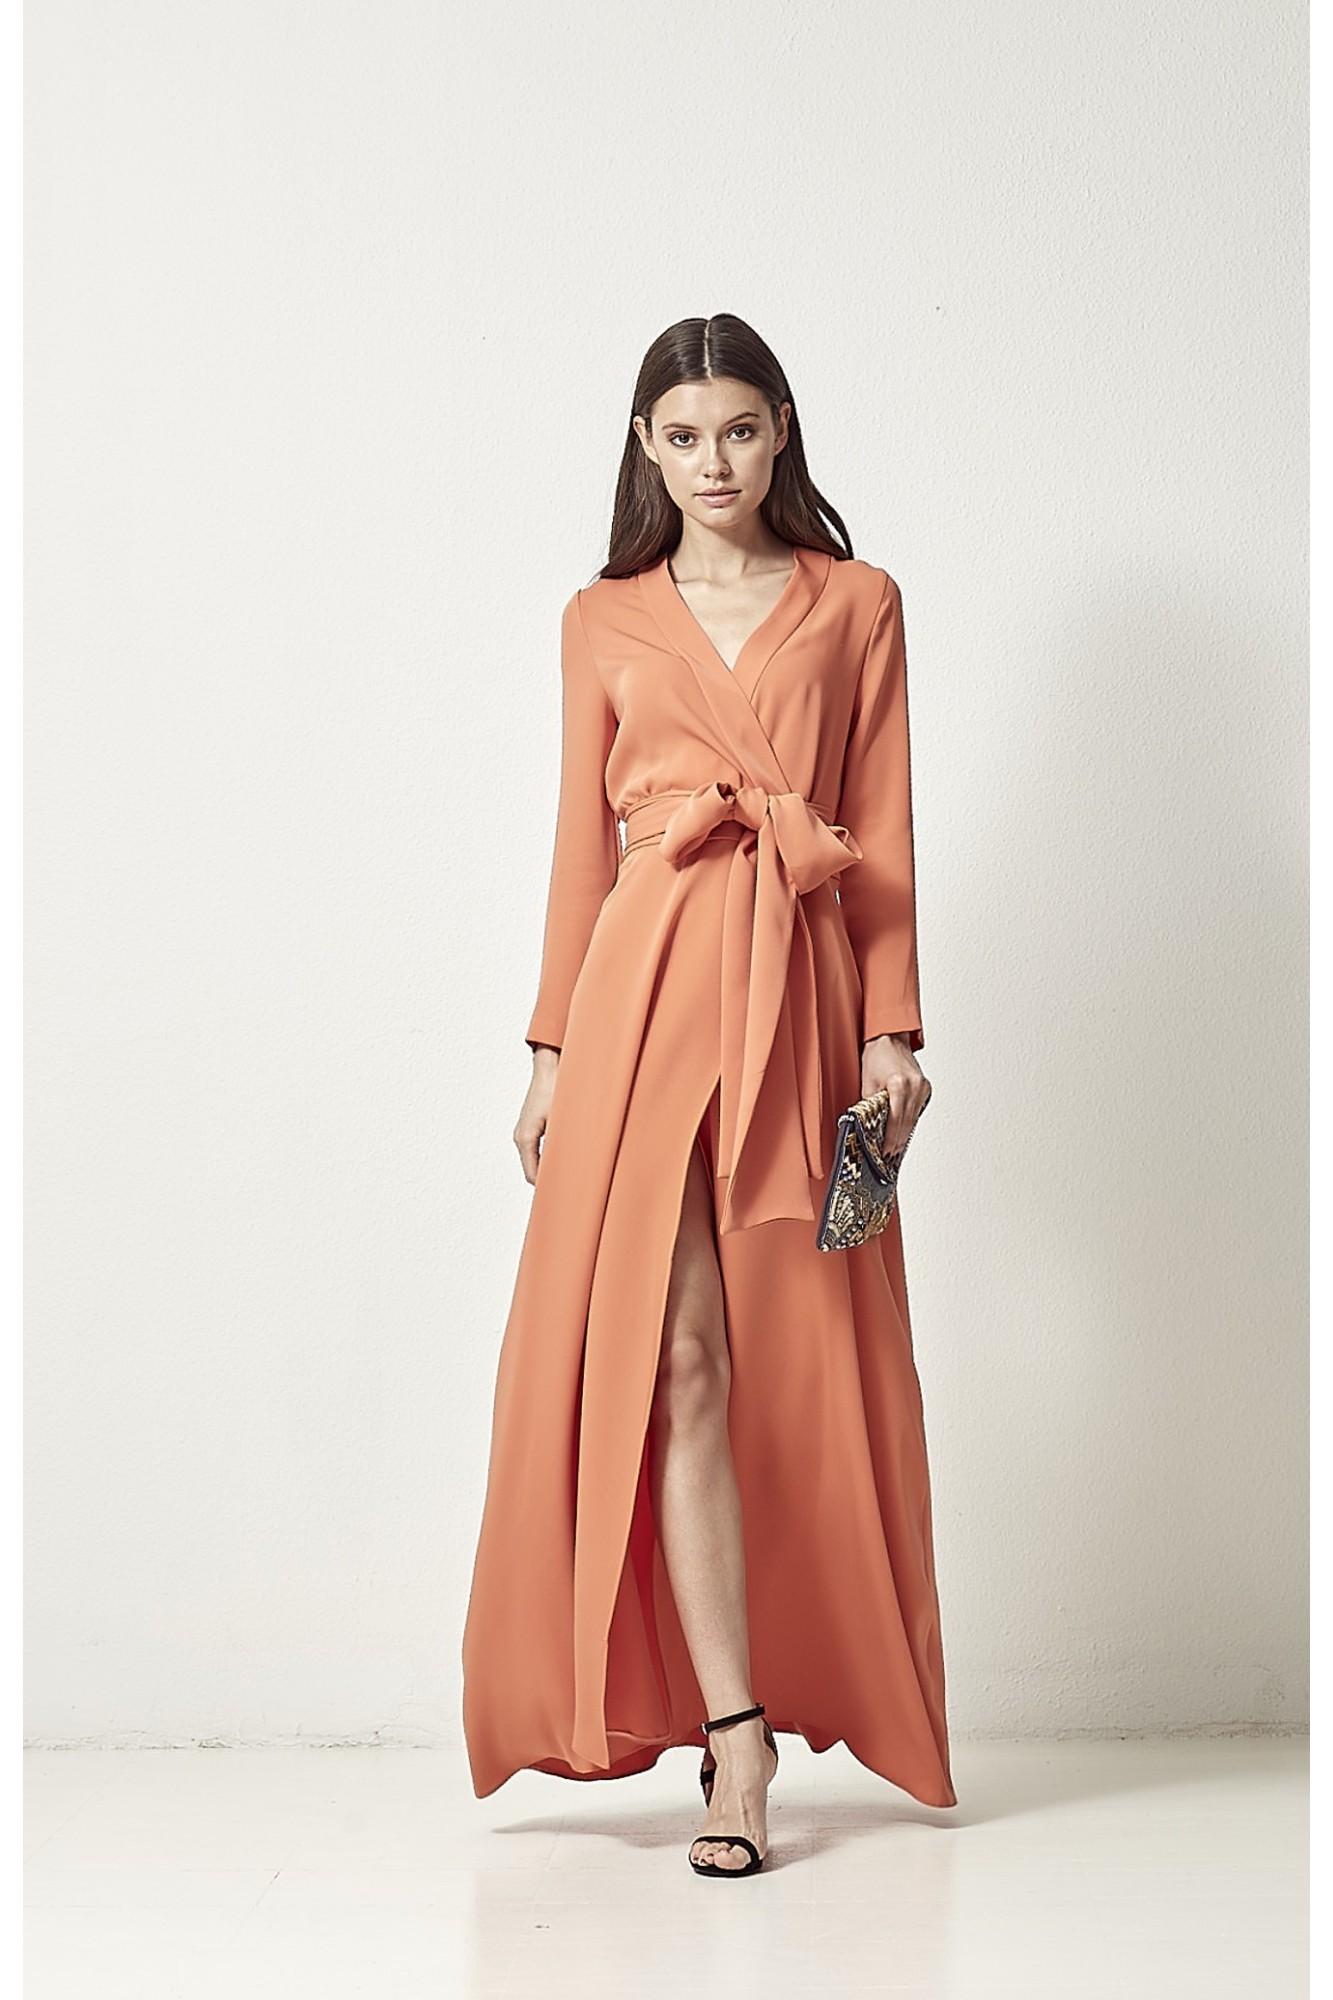 ALEJANDRA ORANGE DRESS